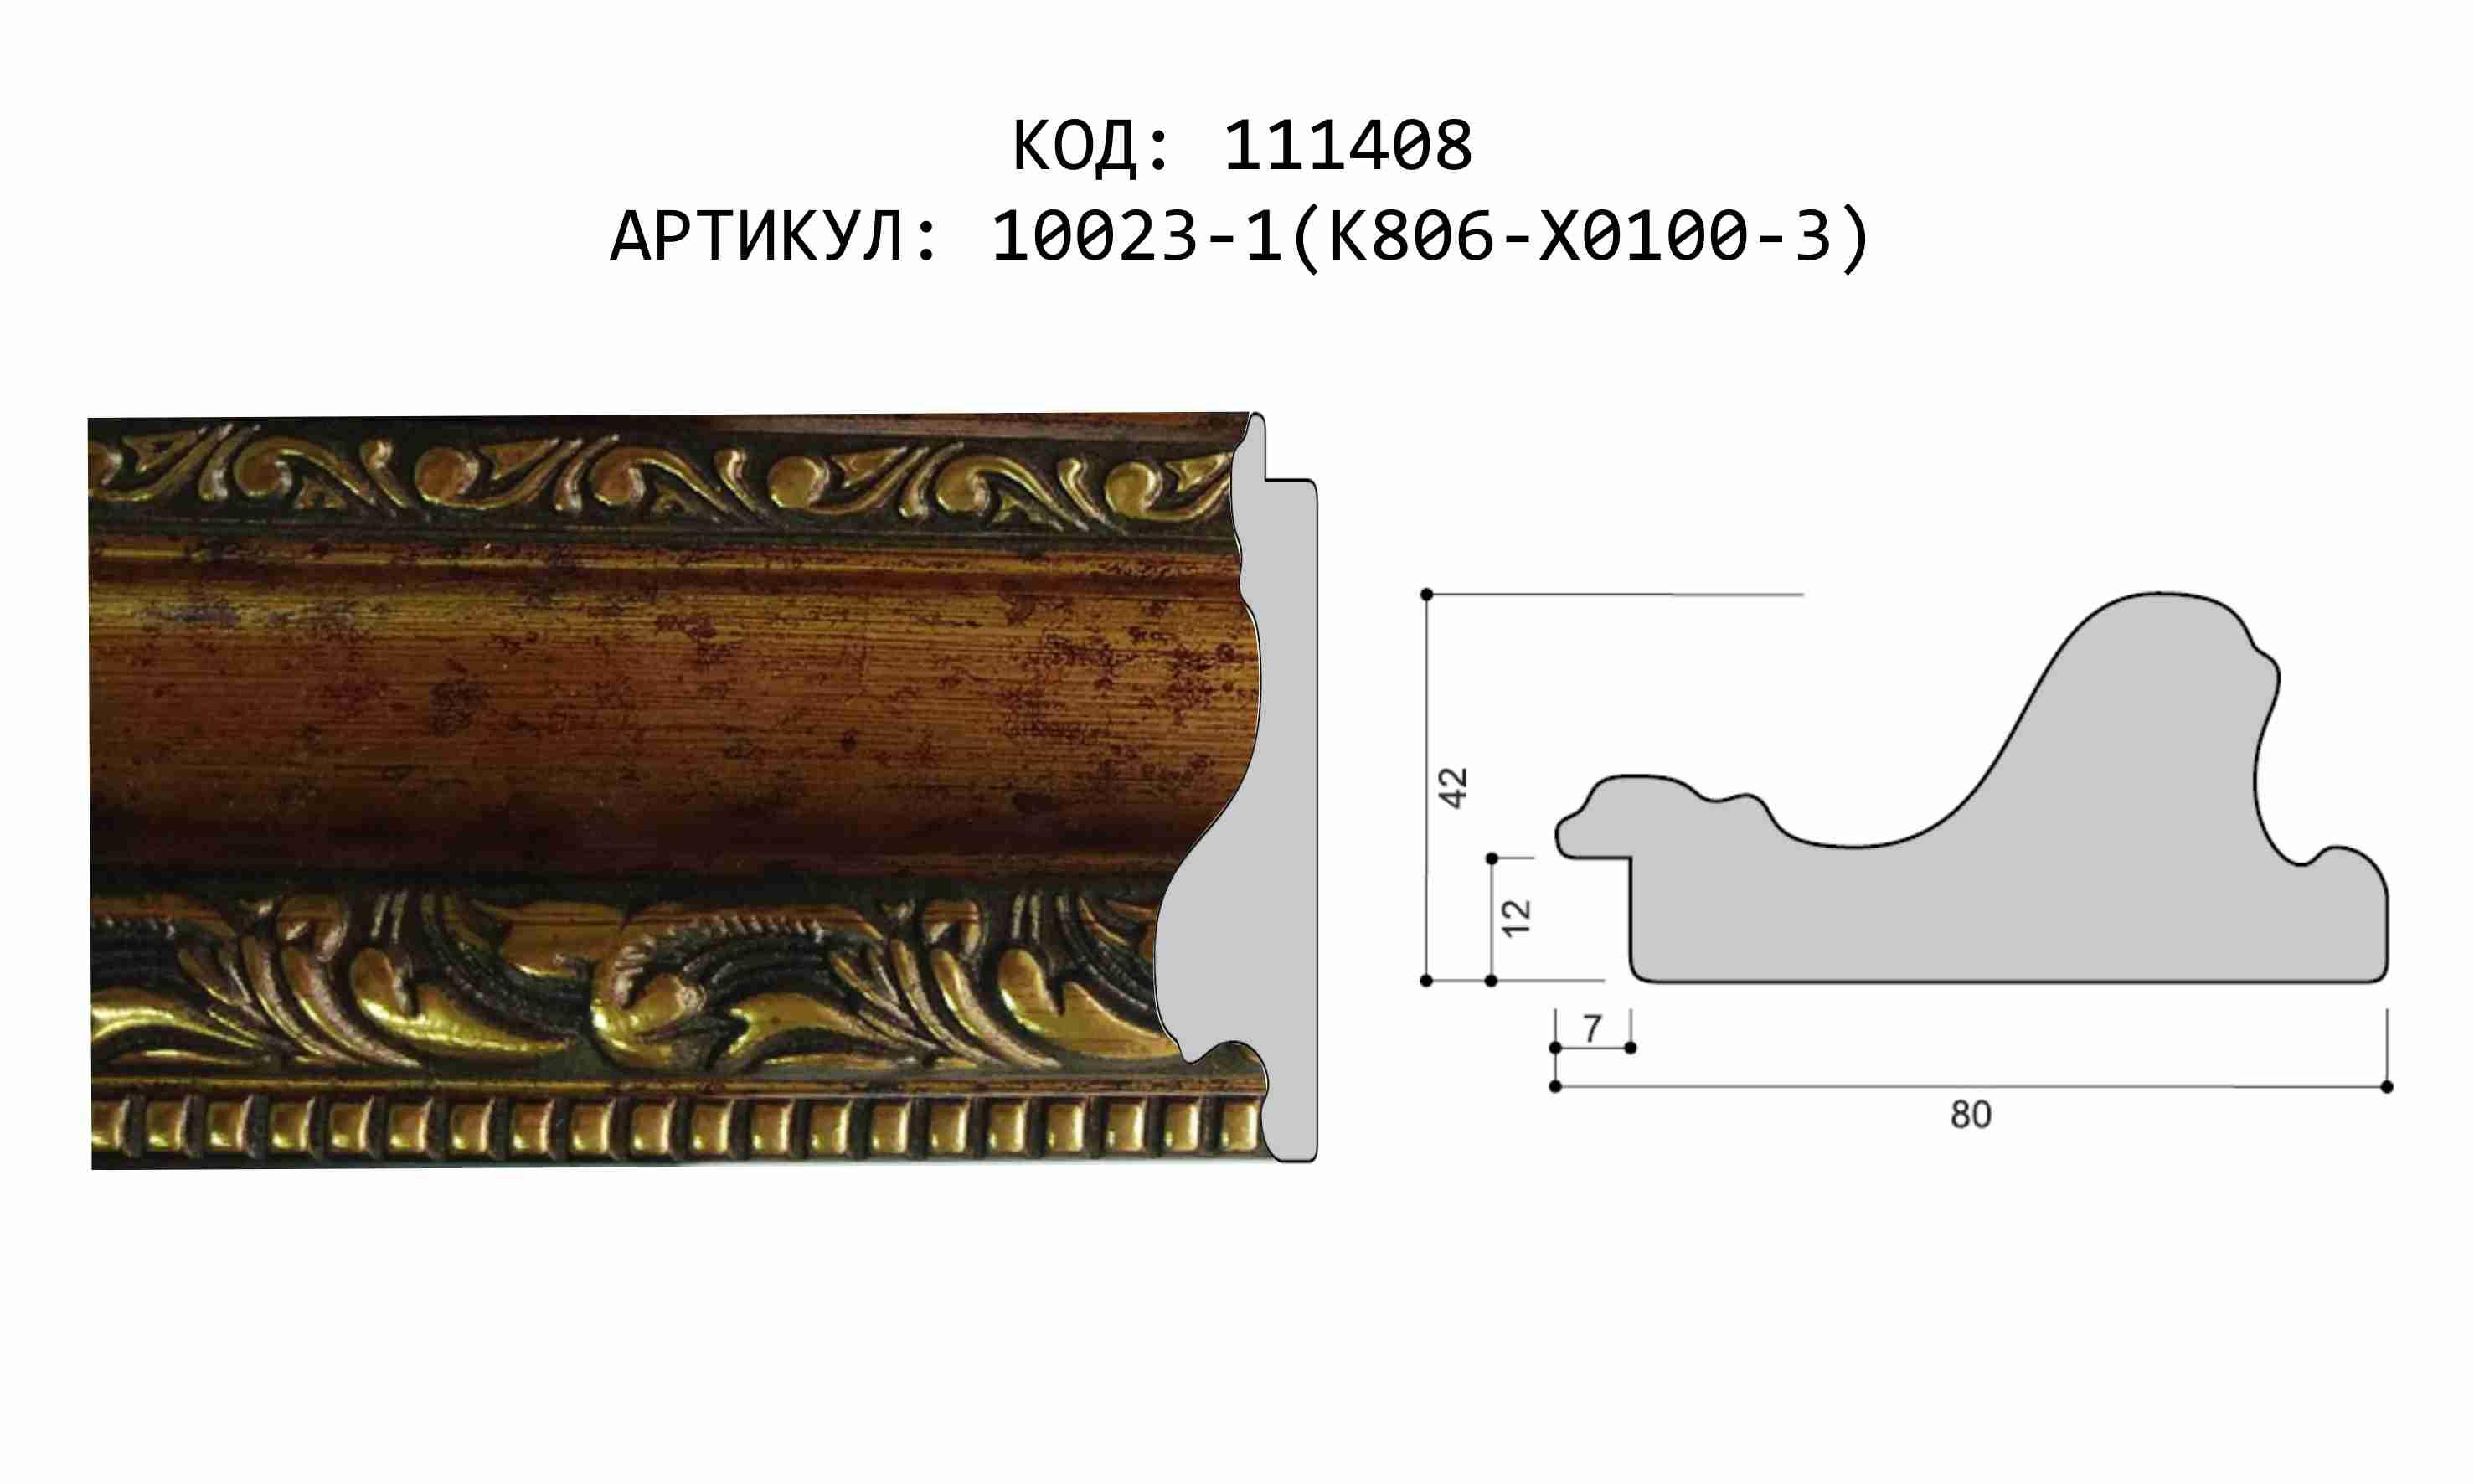 Артикул: 10023-1 (K806-X0100-3)